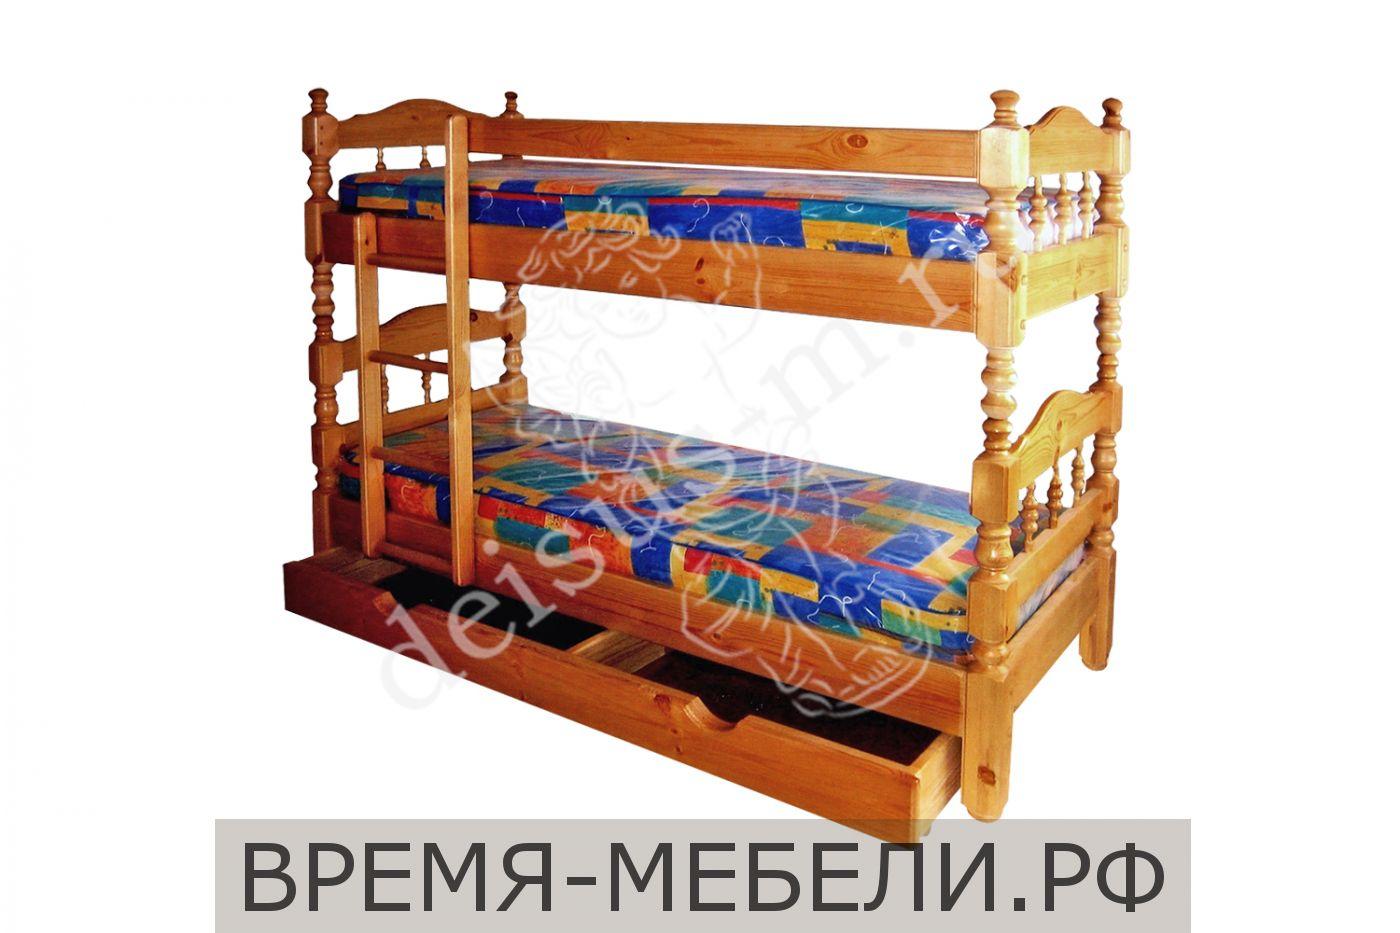 Кровать Двухъярусная-М точенка